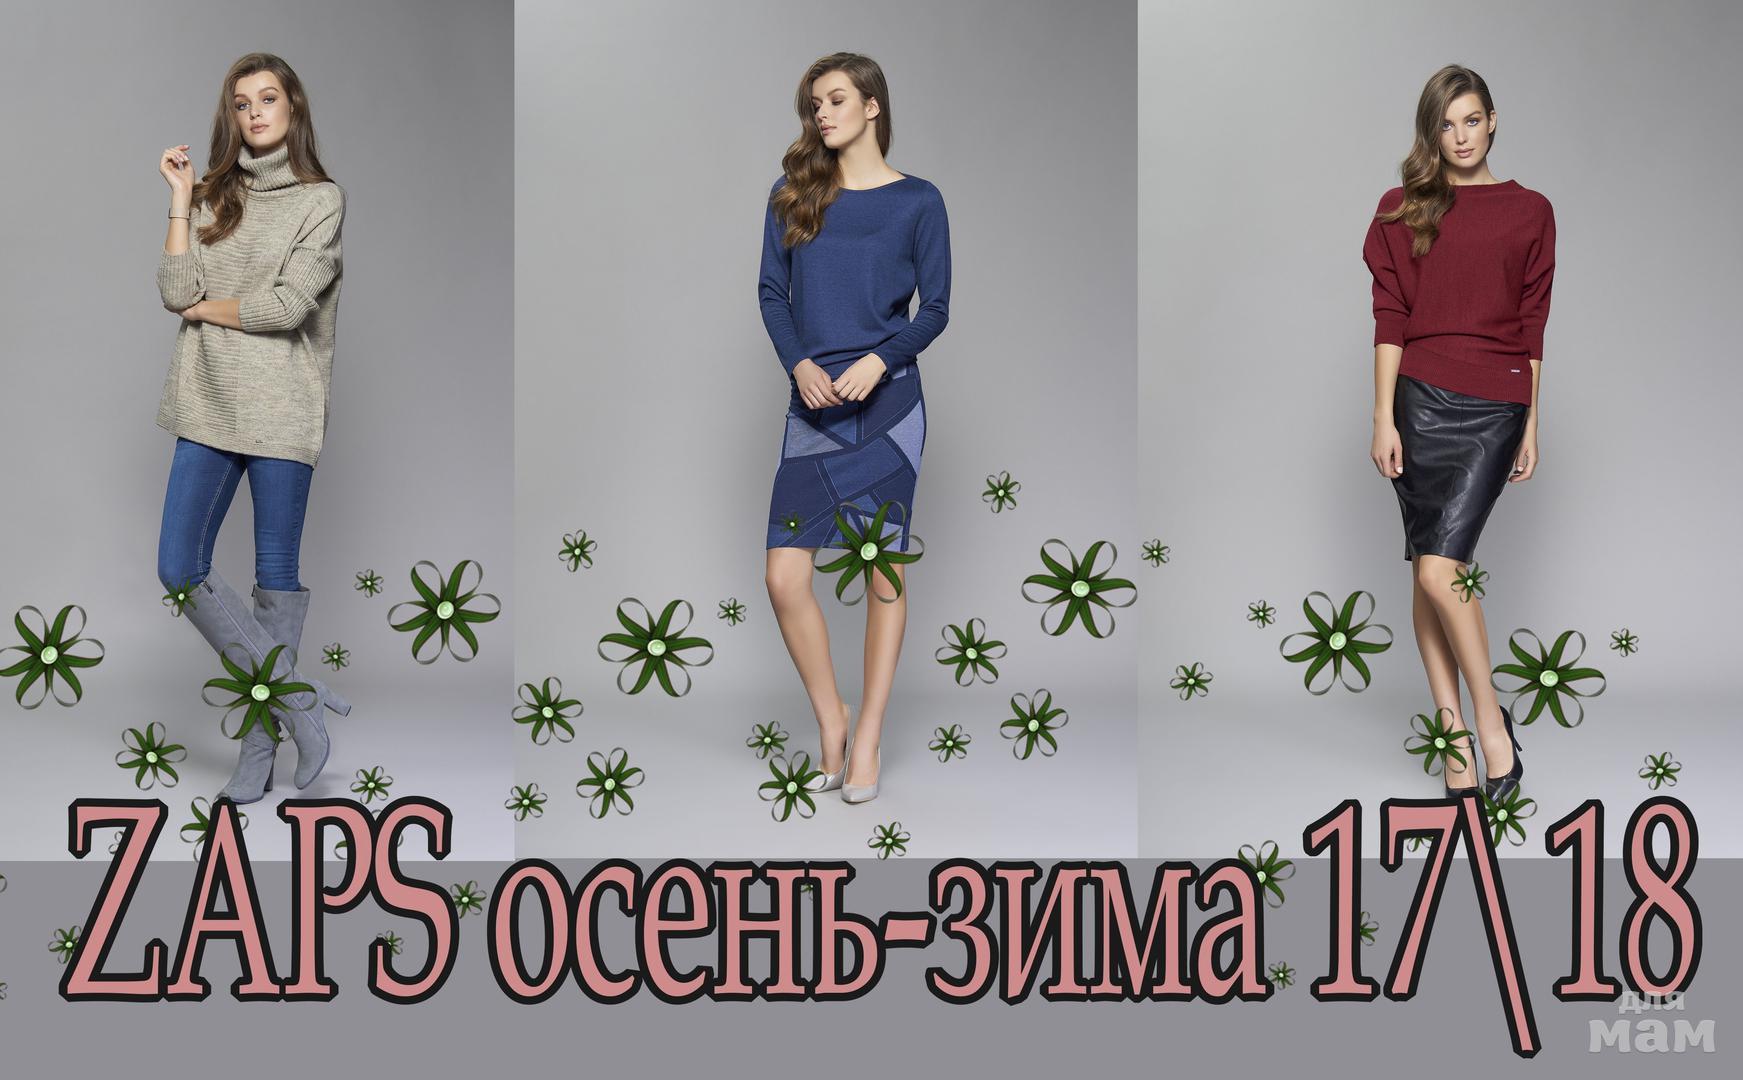 Одежда 2018 года Москва